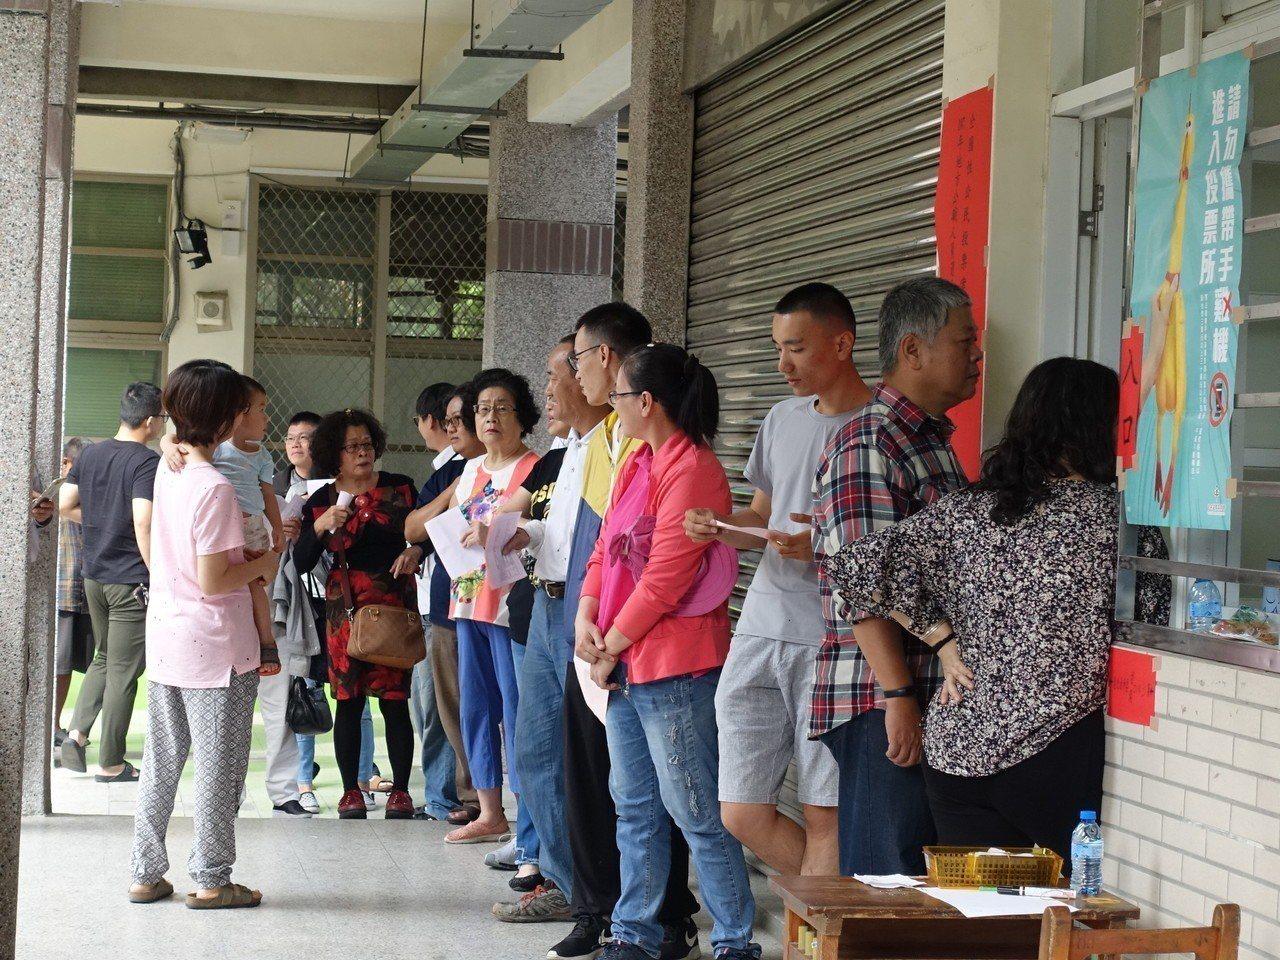 屏東市區部分投開票所一早就出現大排長龍的景象。記者翁禎霞/攝影